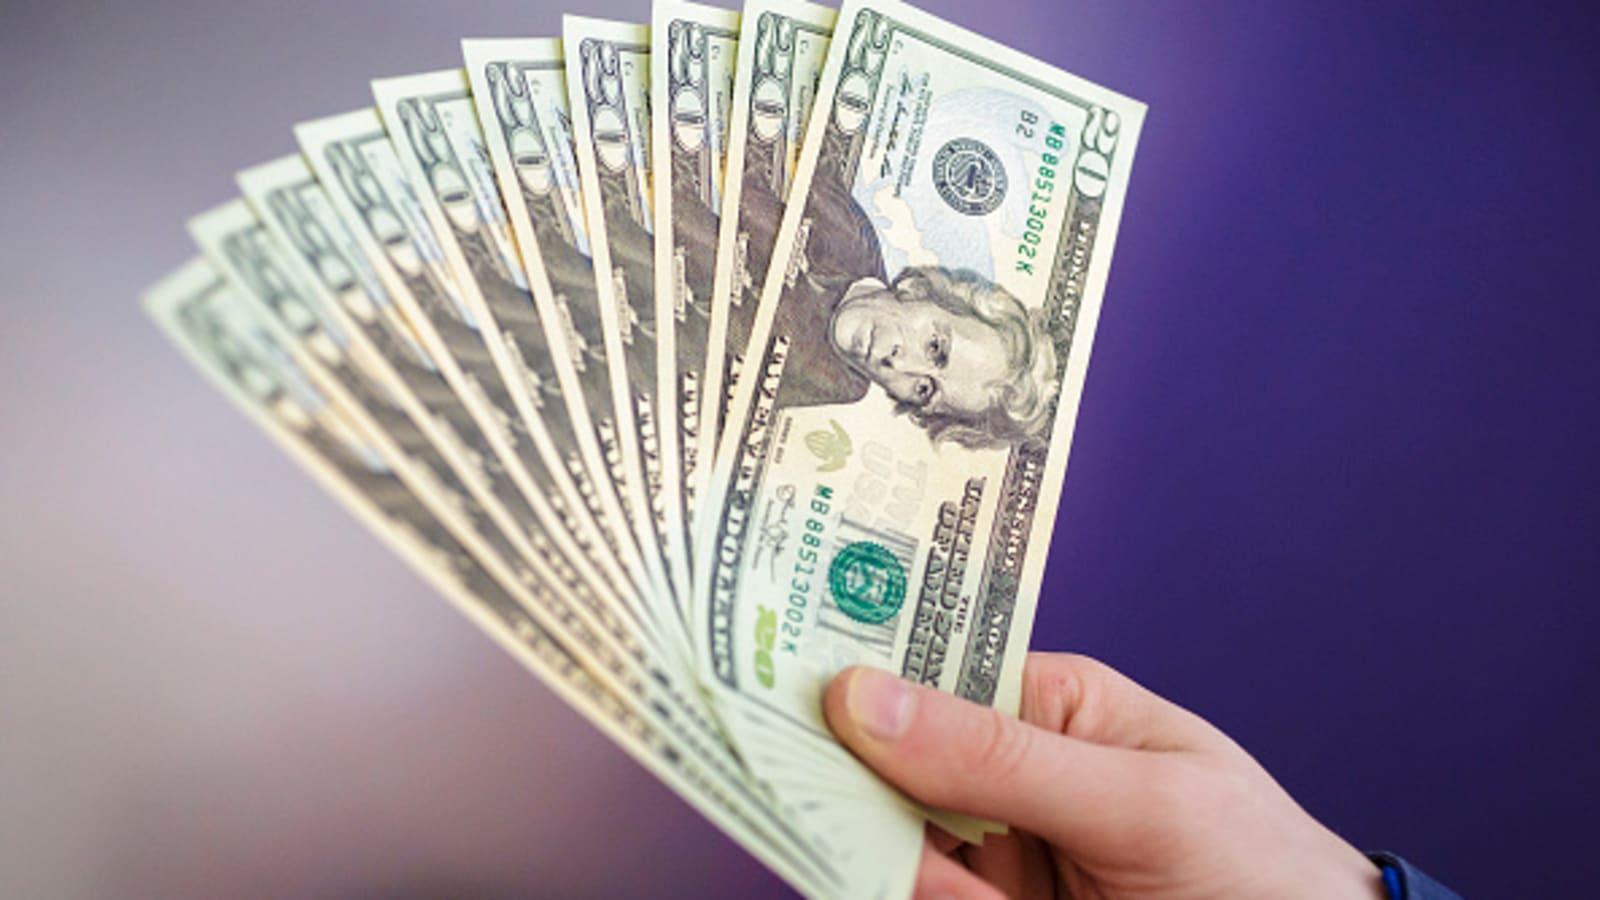 Tỷ giá USD hôm nay 20/4: Thiếu thông tin hỗ trợ, USD lại giảm giá - 1